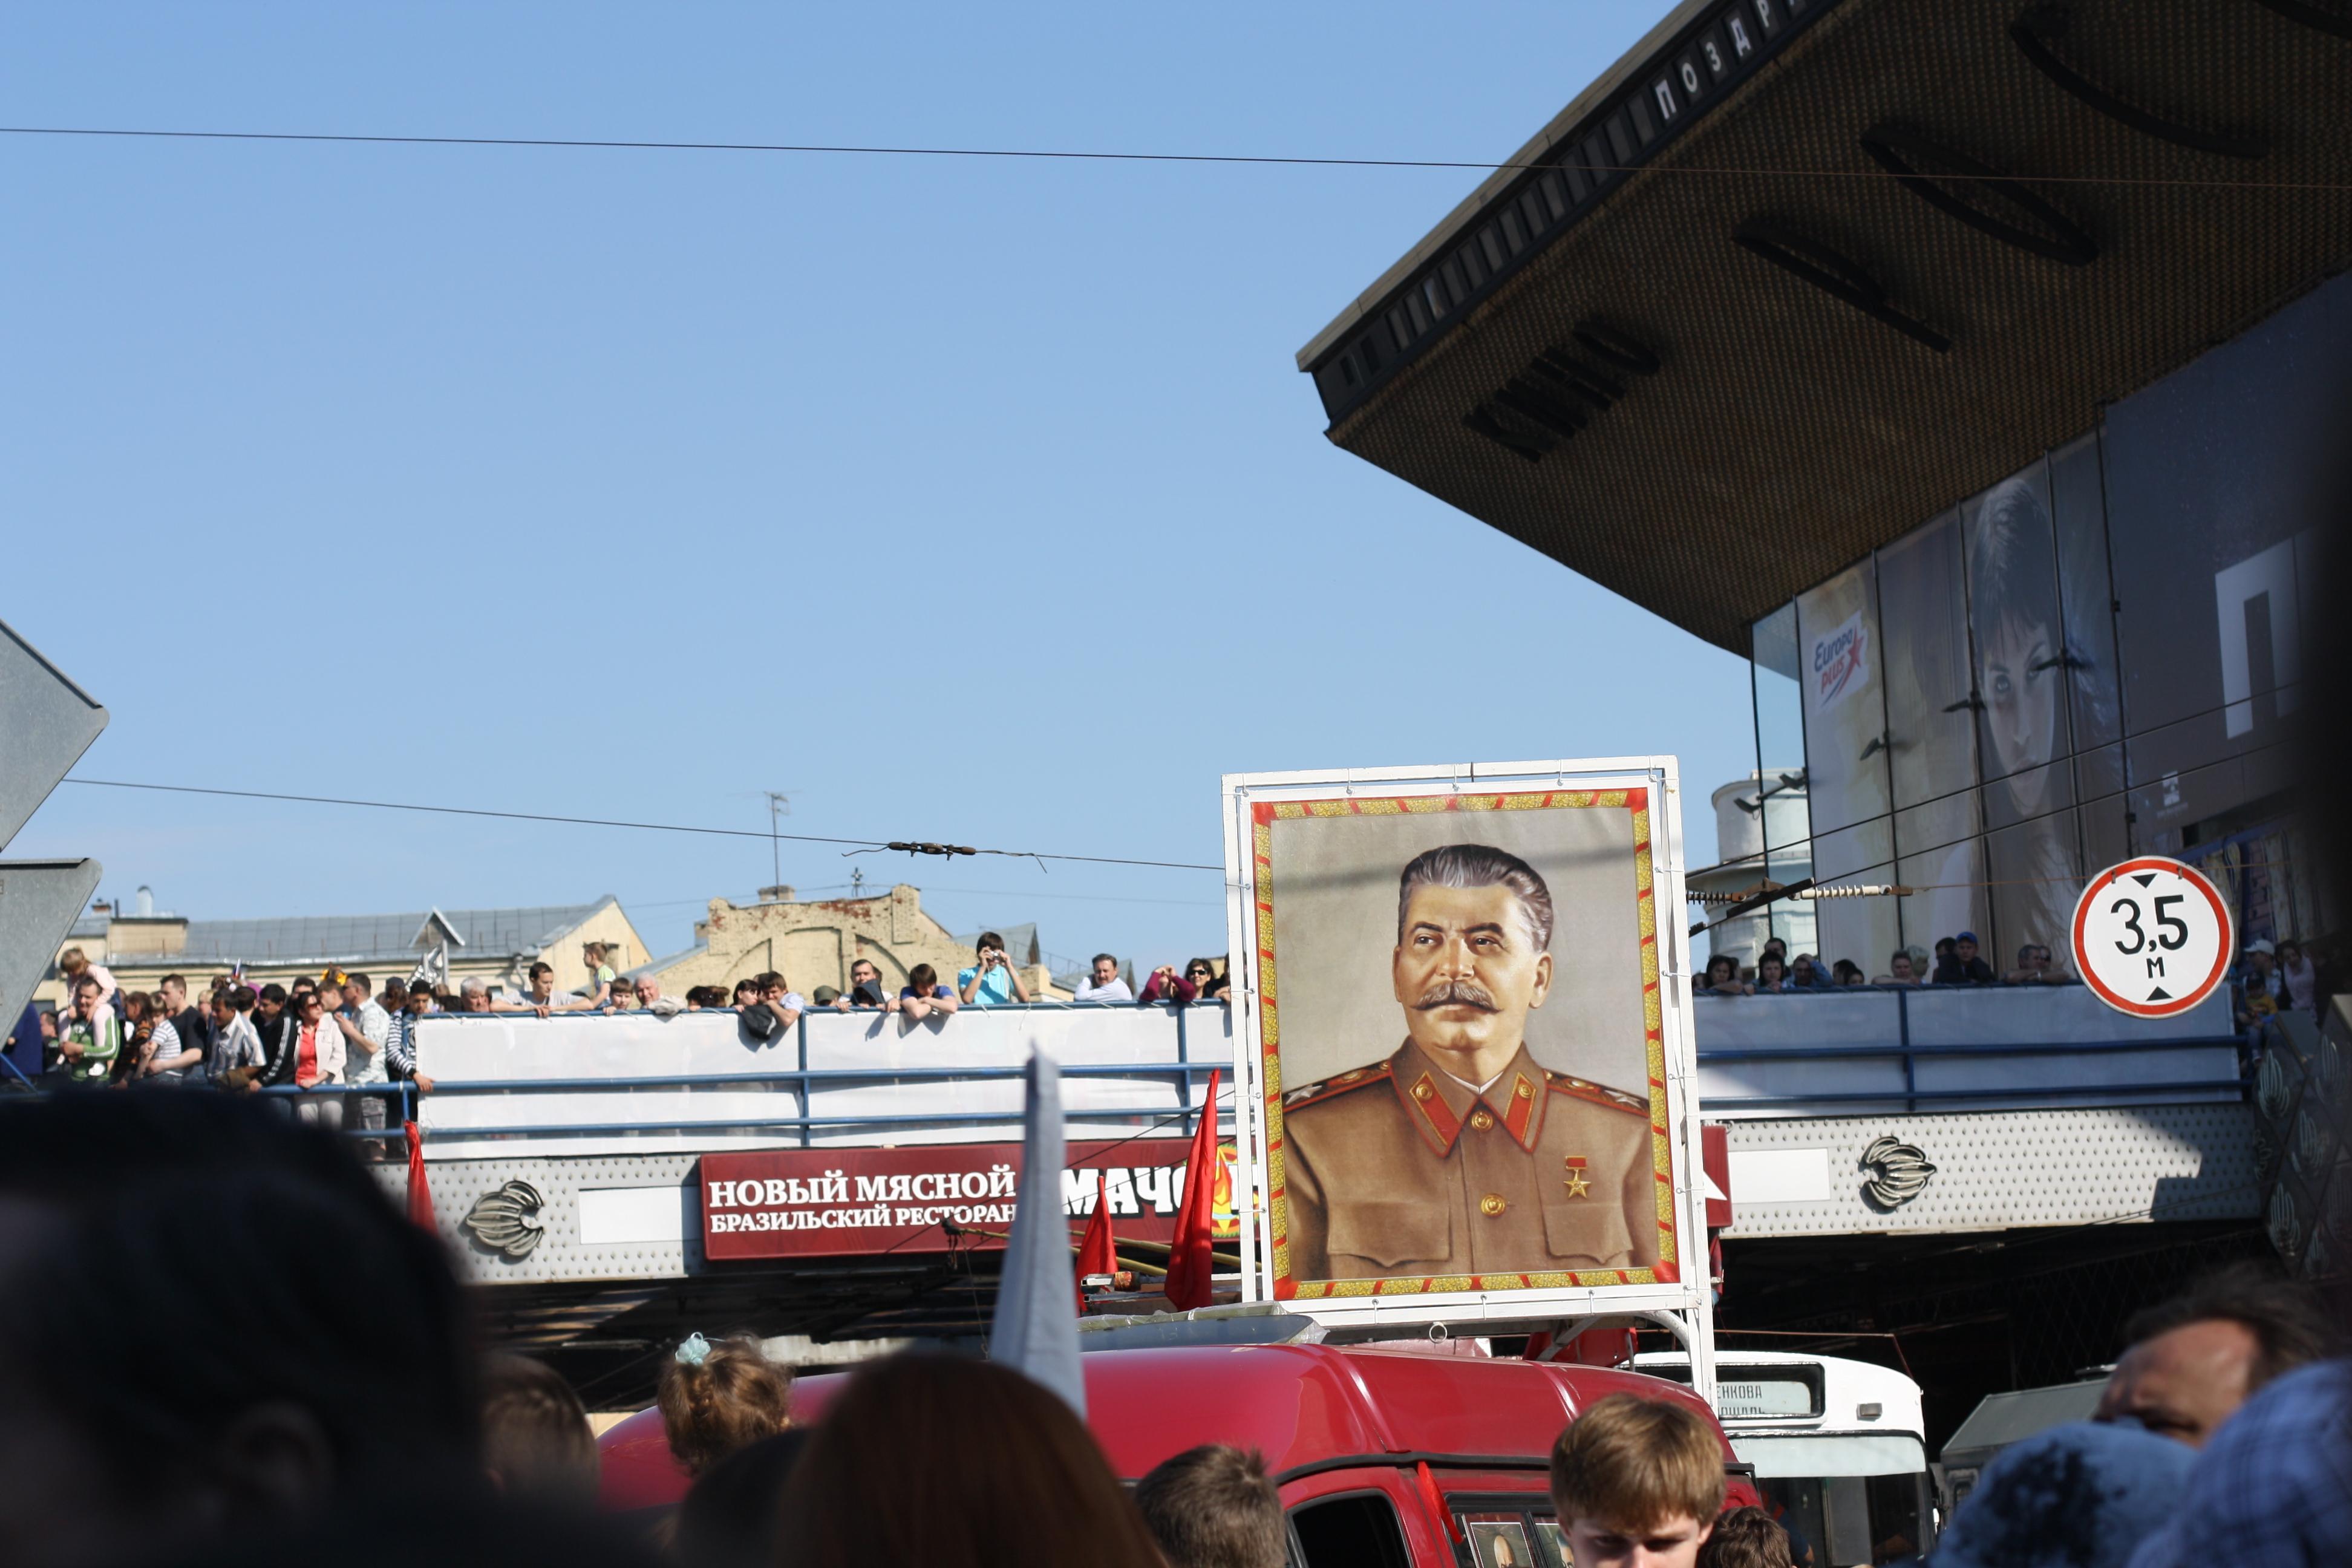 Подпись: Россия, 2010-е годы